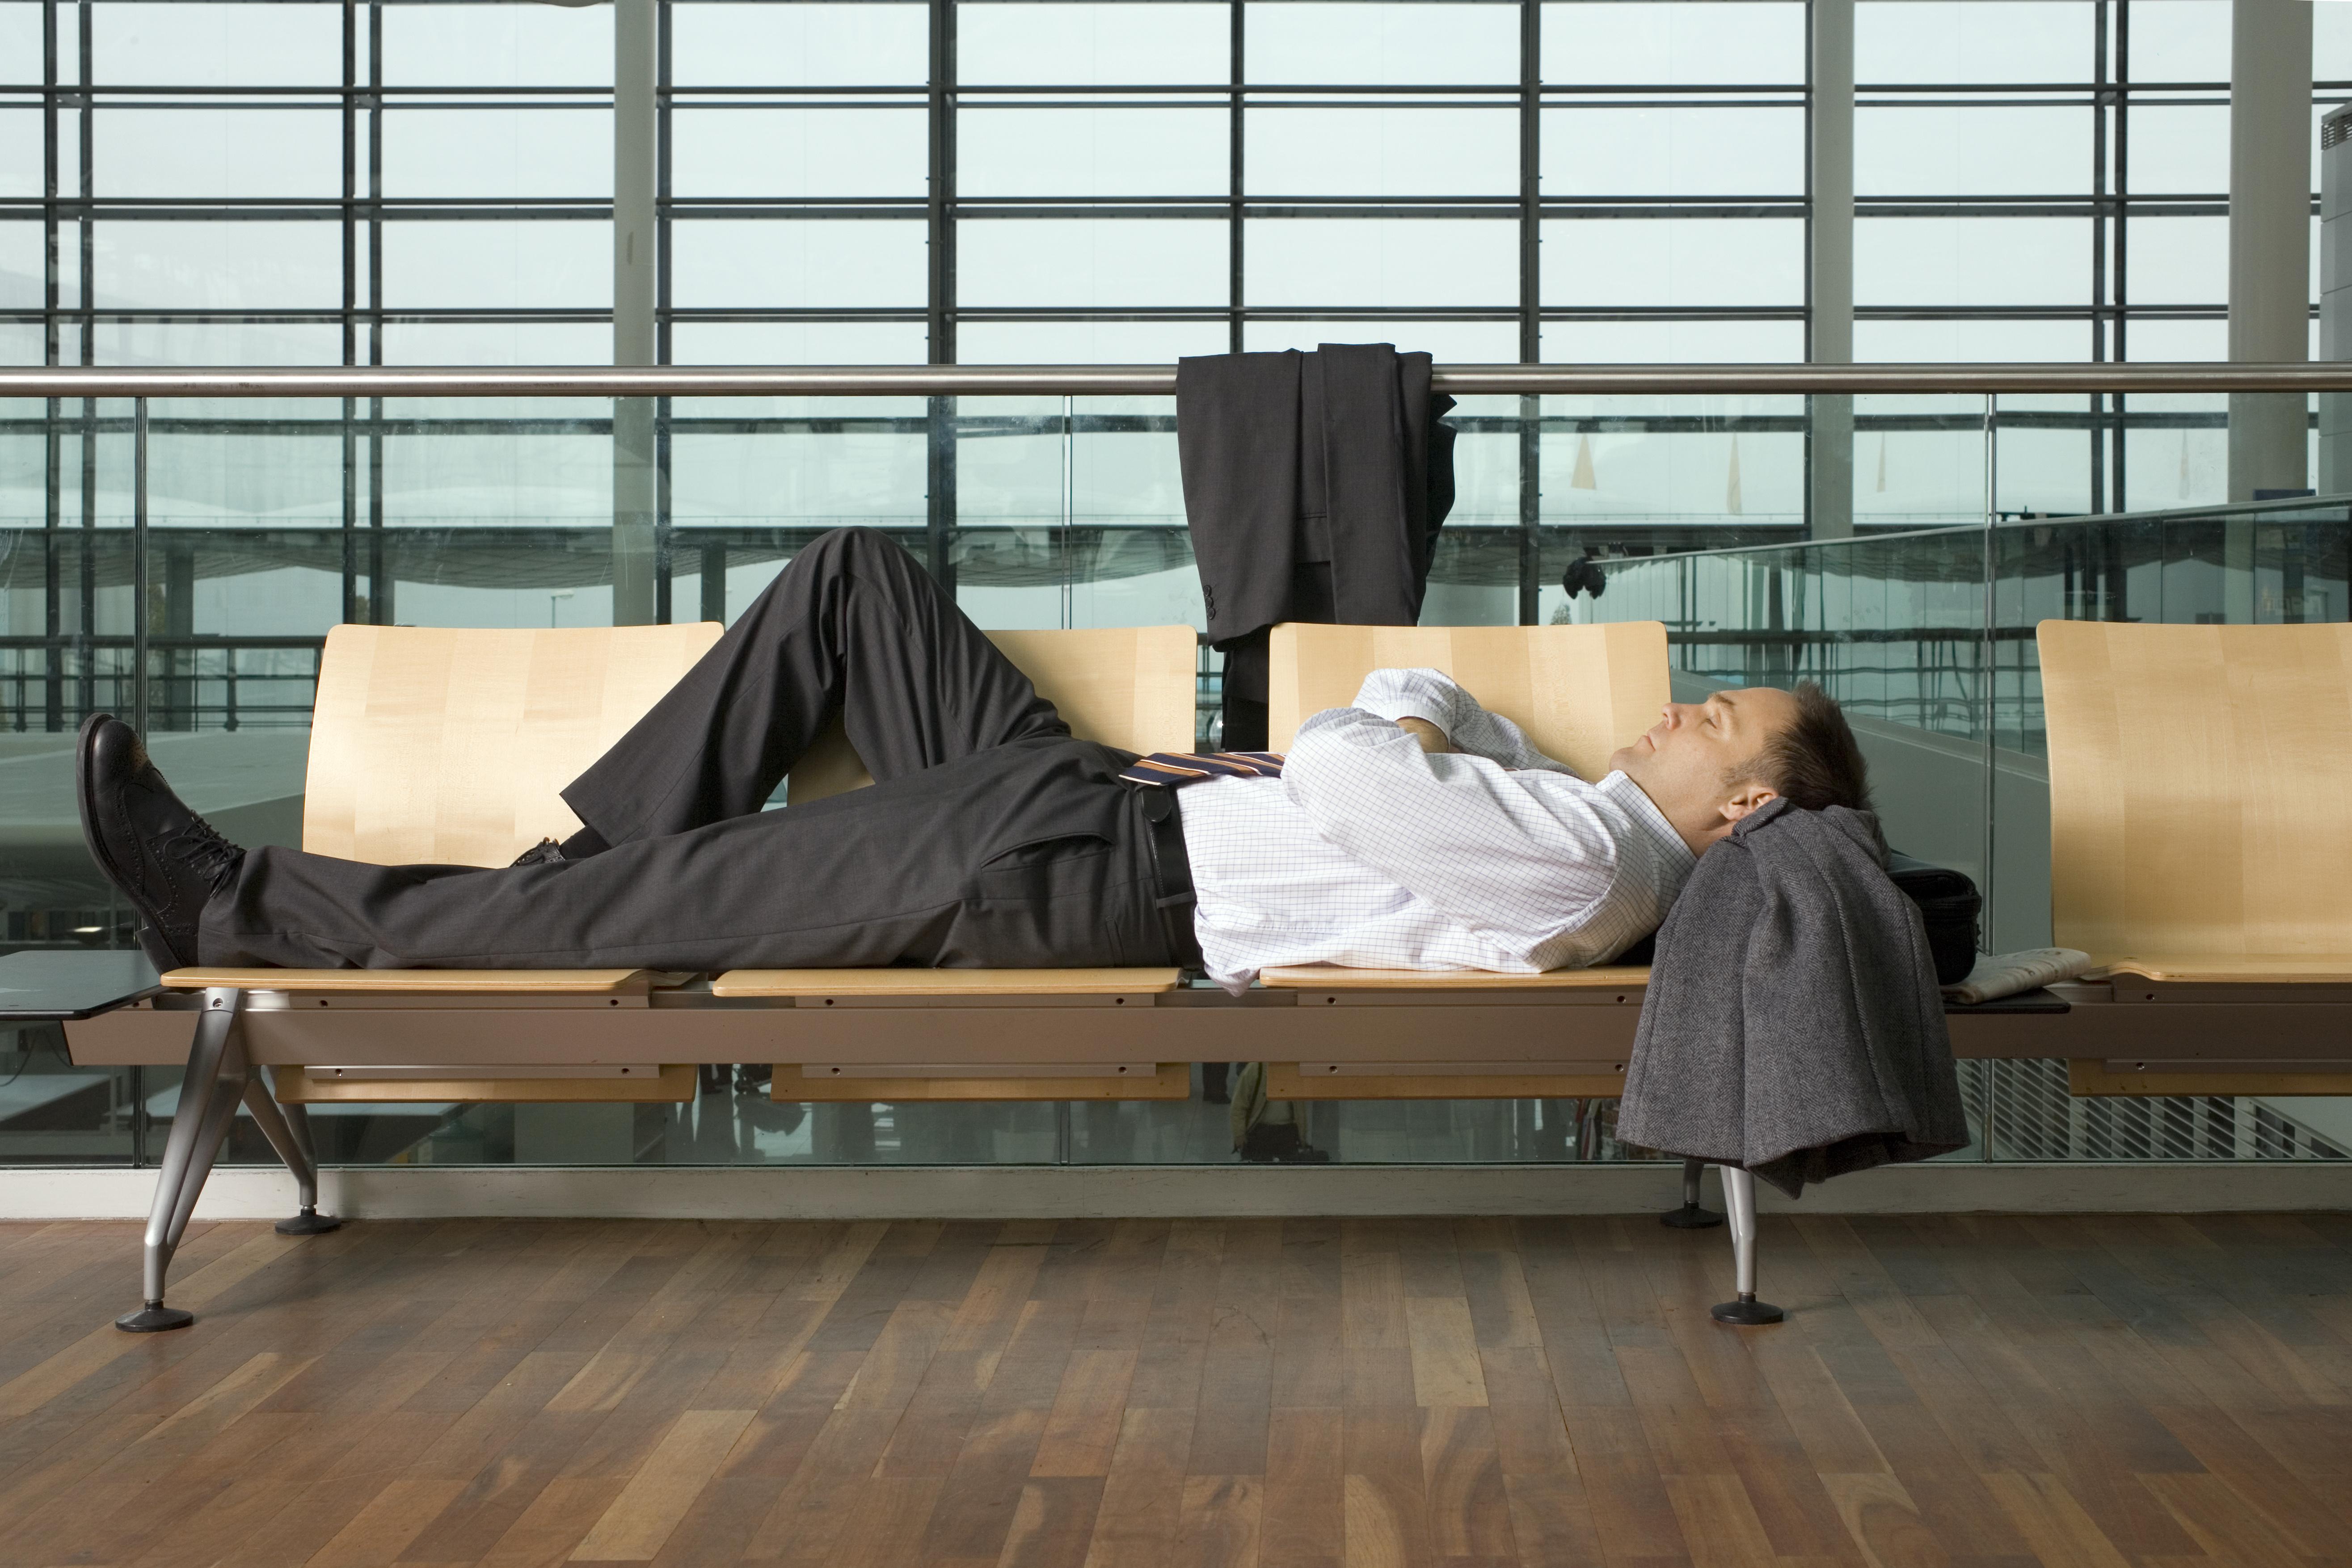 Mężczyzna w garniturze śpiący na lotnisku.